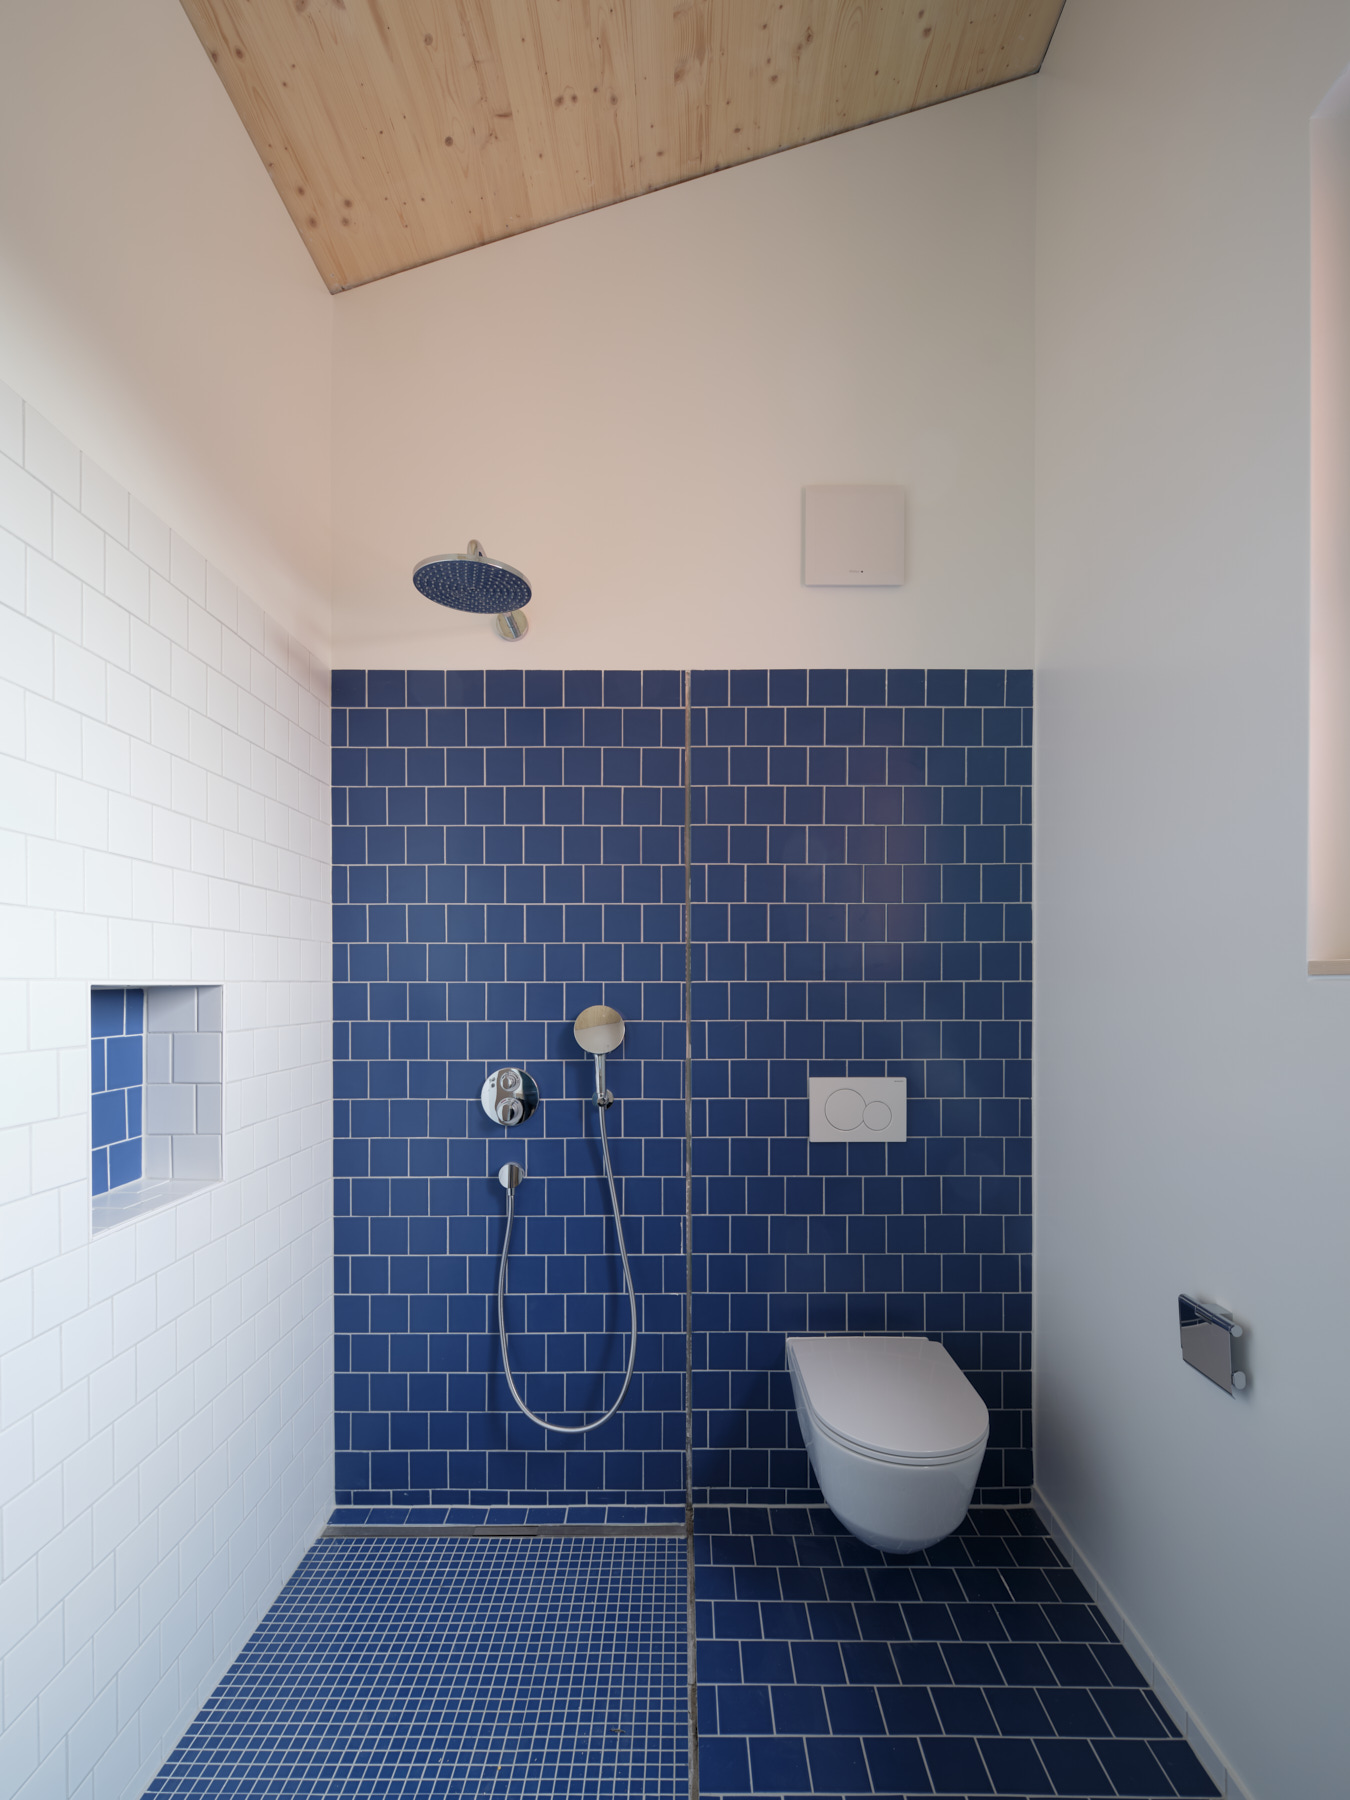 Maison R - salle de bain - shape architecture